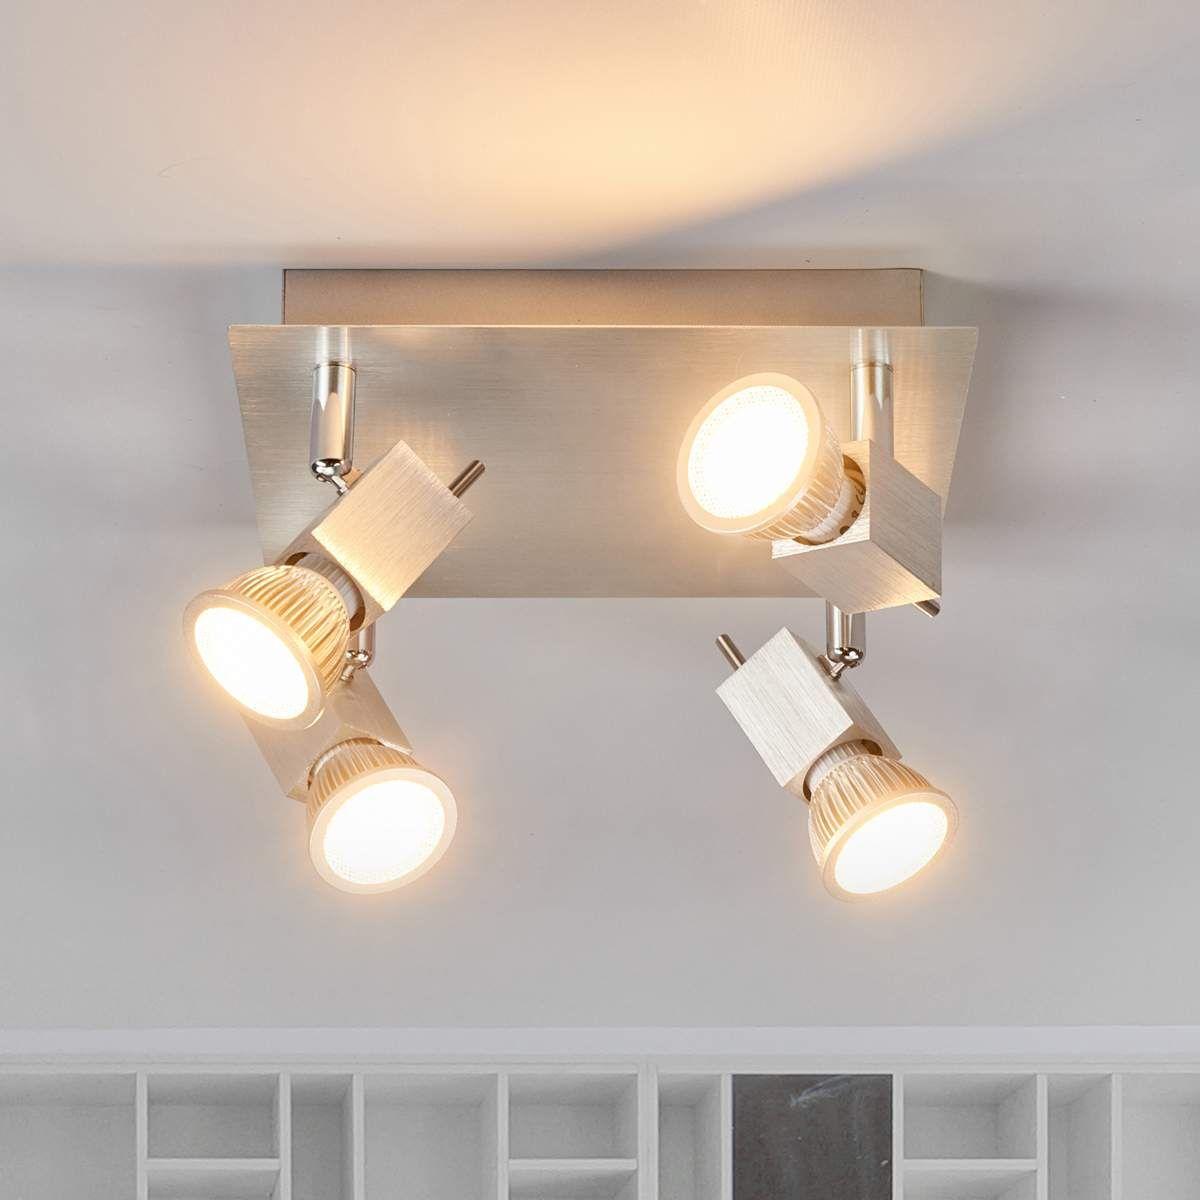 küchen deckenlampe  deckenleuchte stoff rund  deckenleuchten